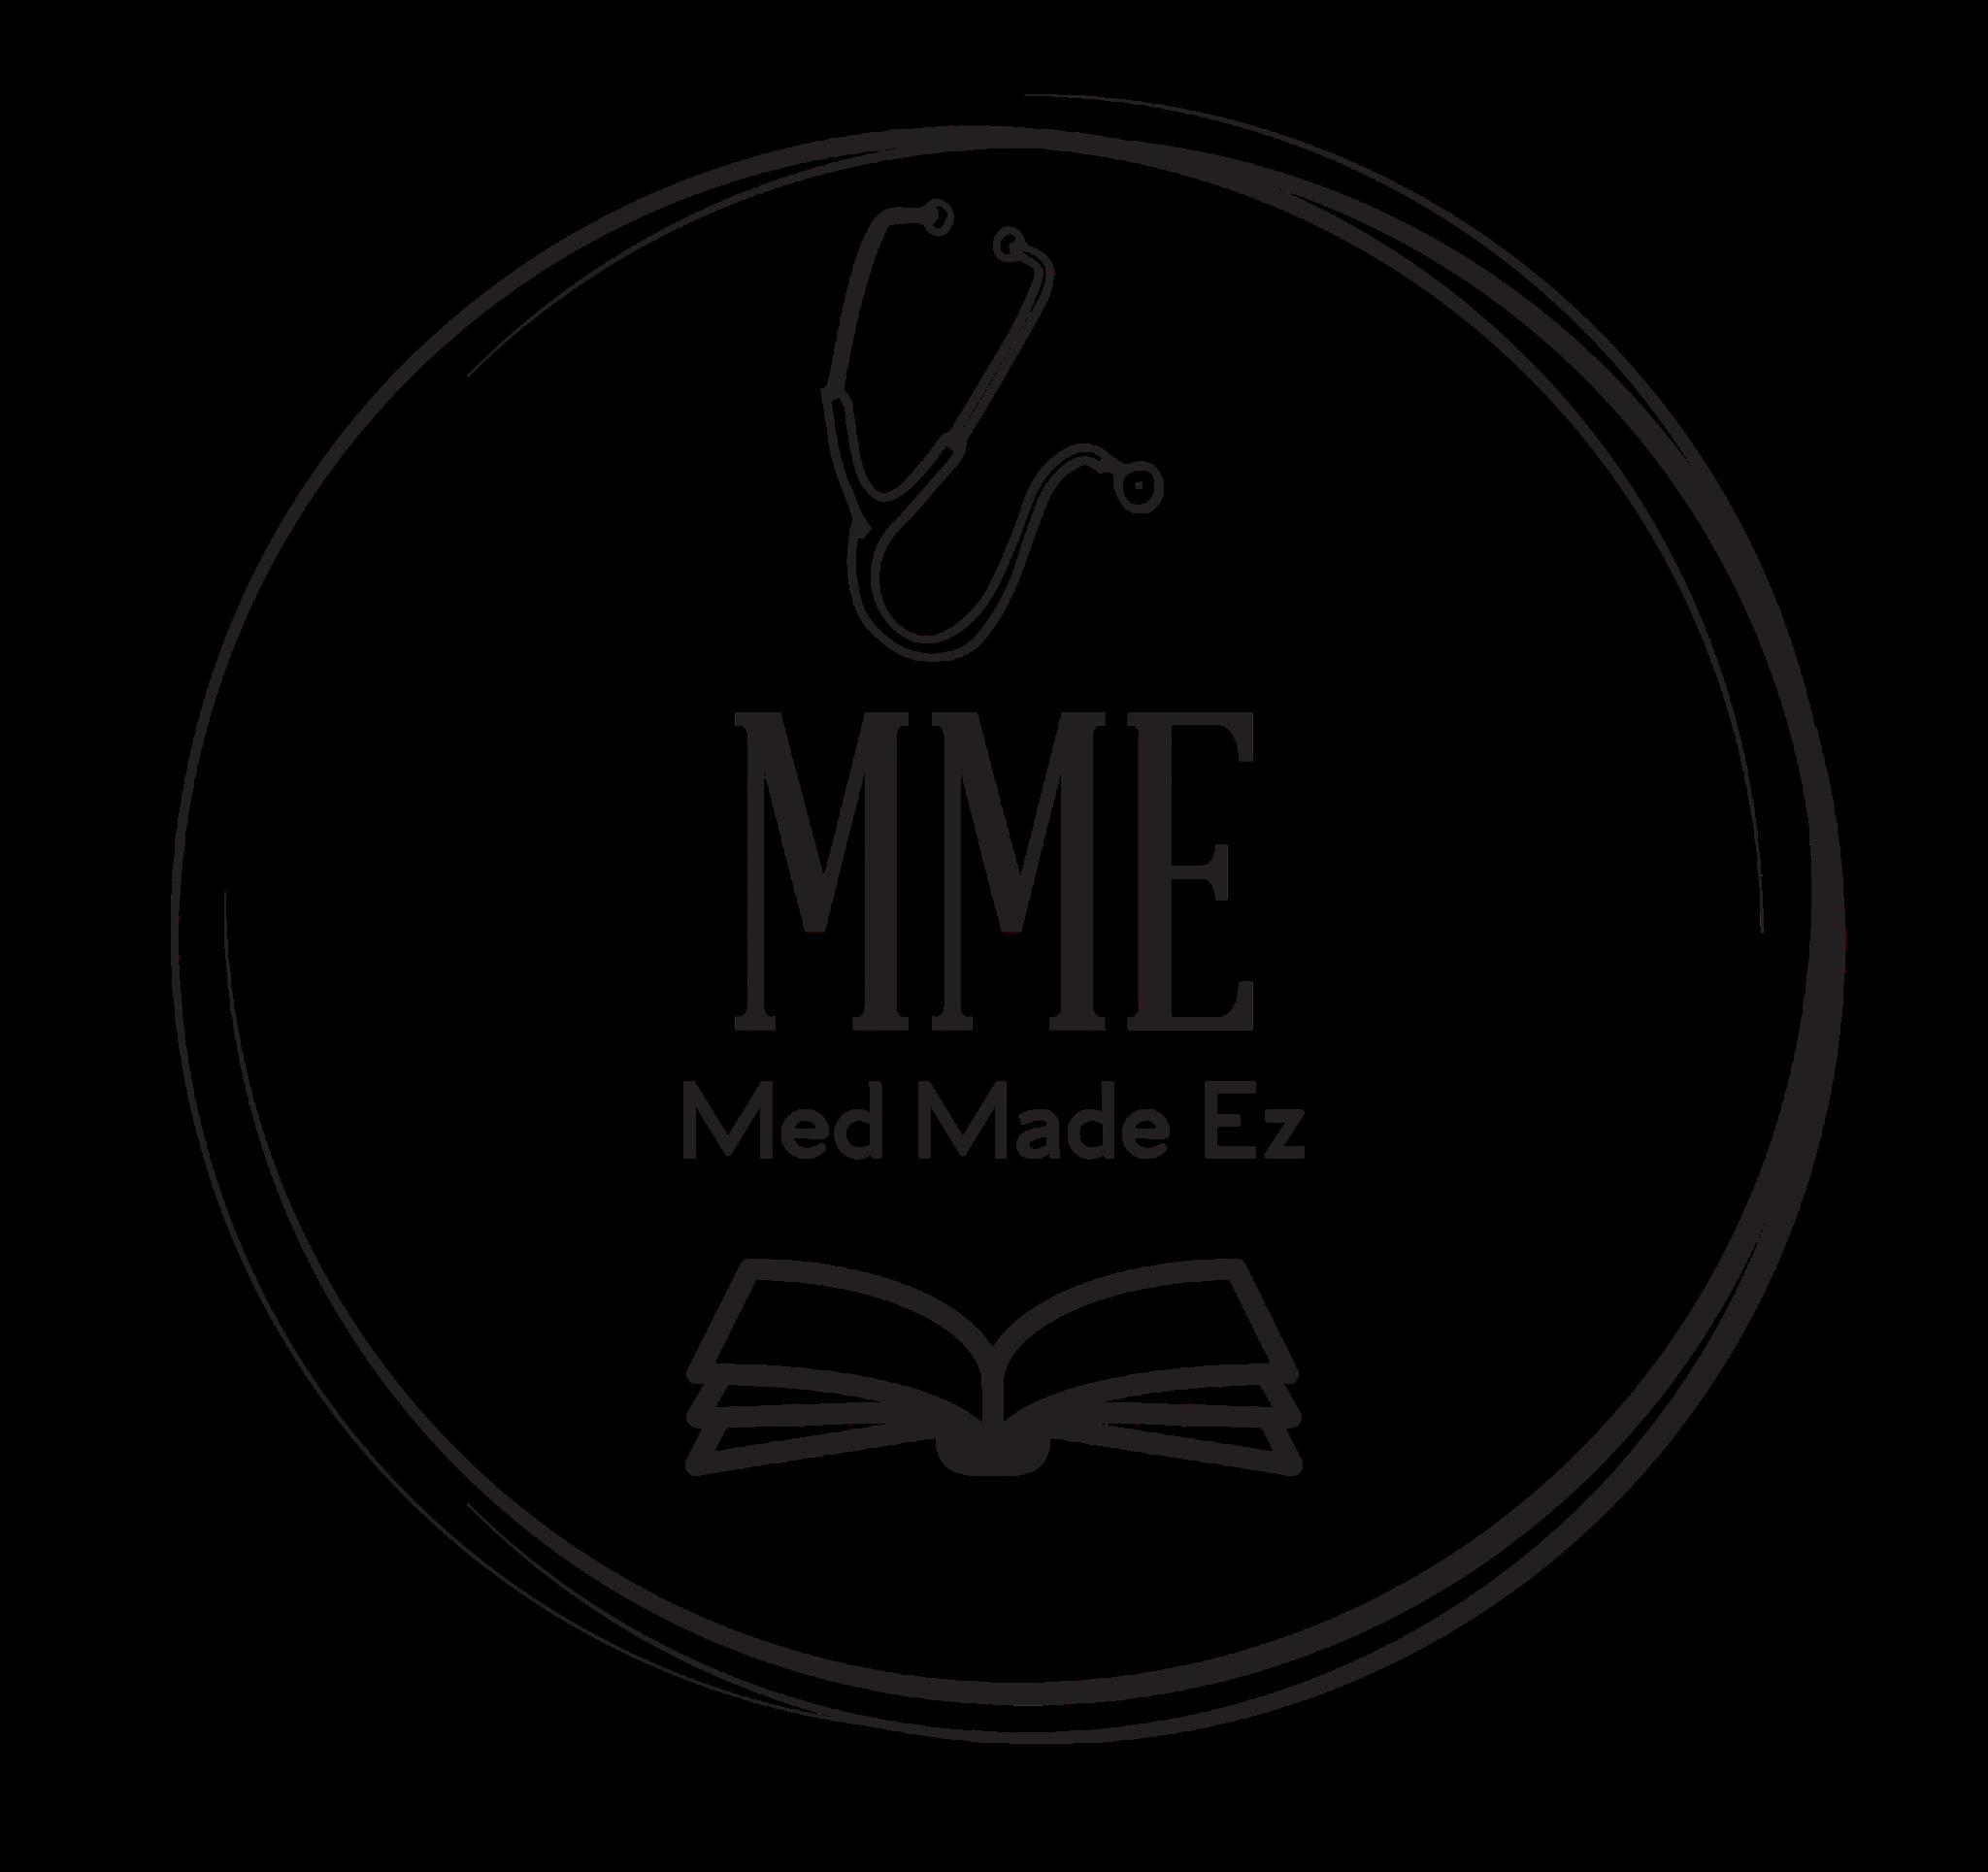 Med Made Ez (MME)